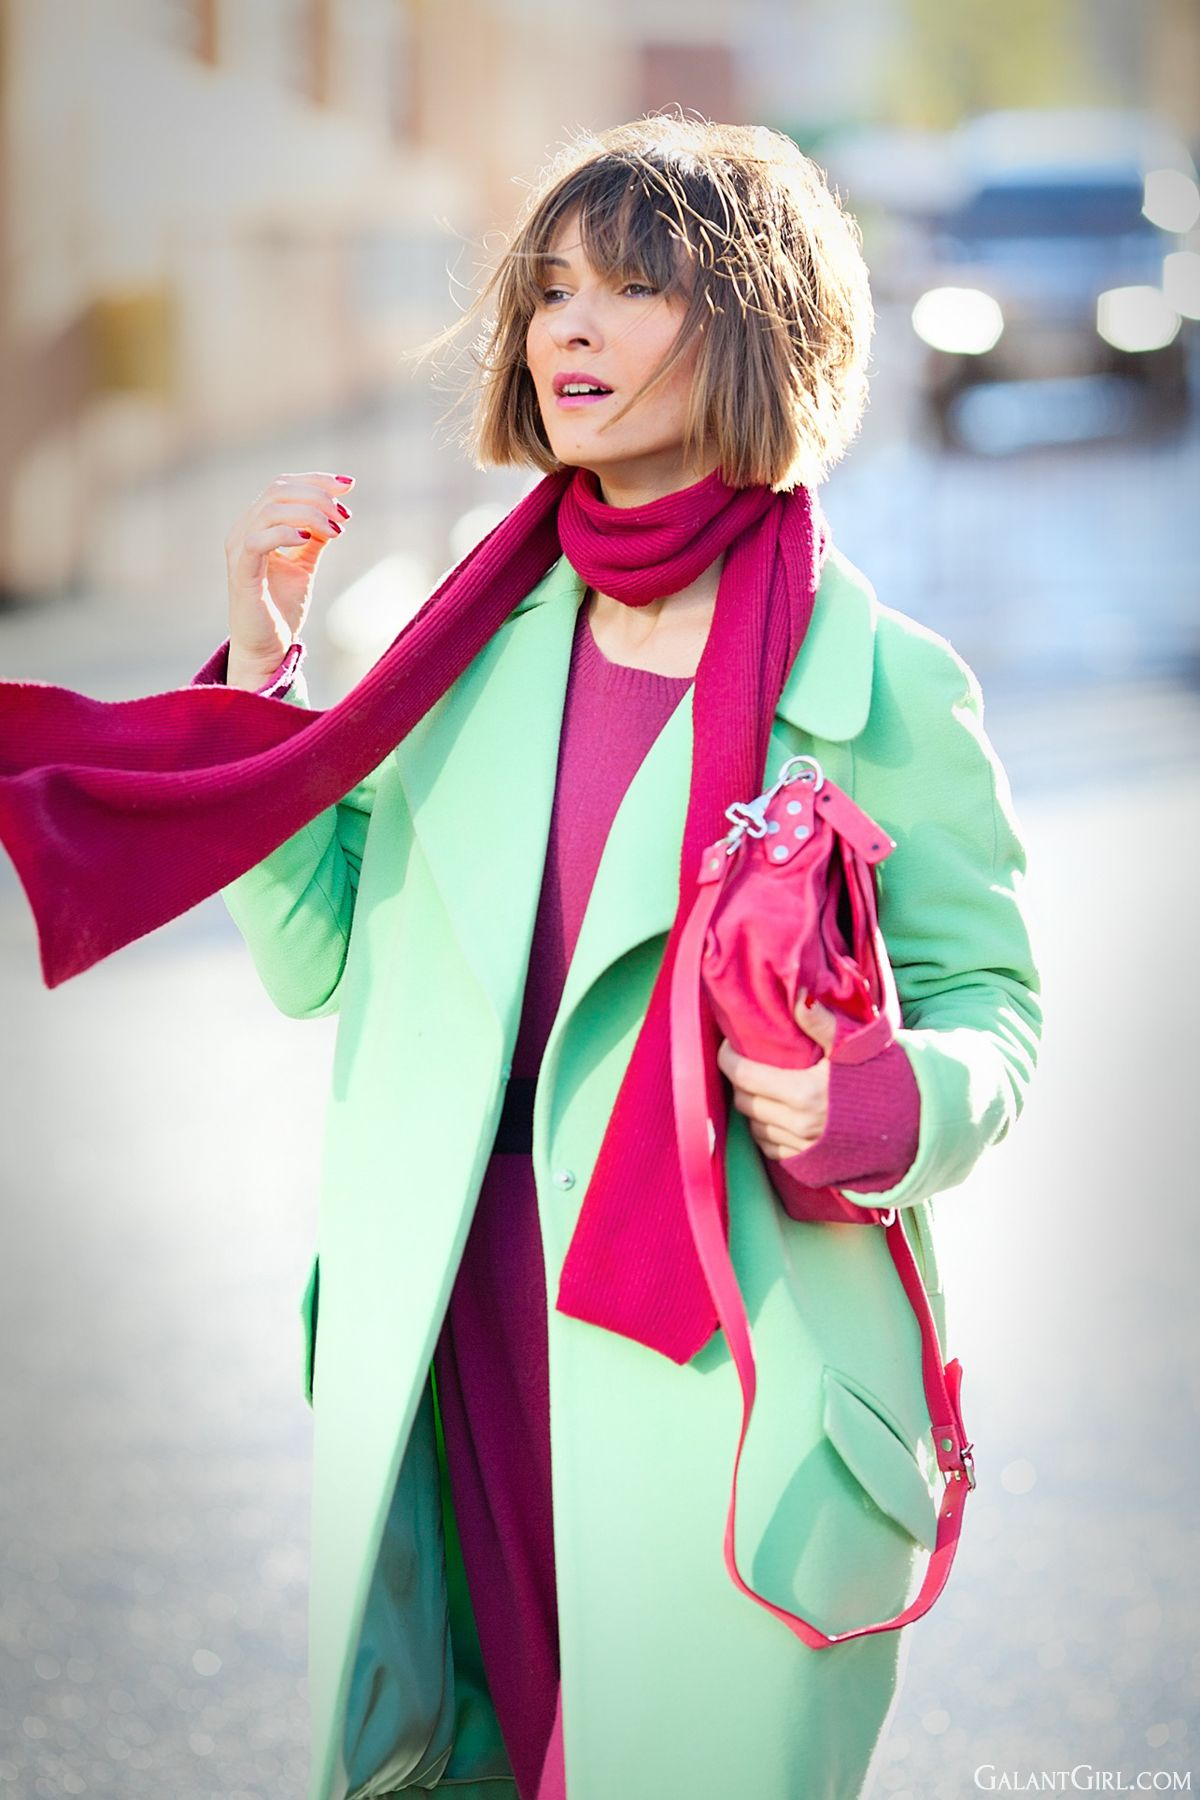 Αποτέλεσμα εικόνας για color blocking outfits